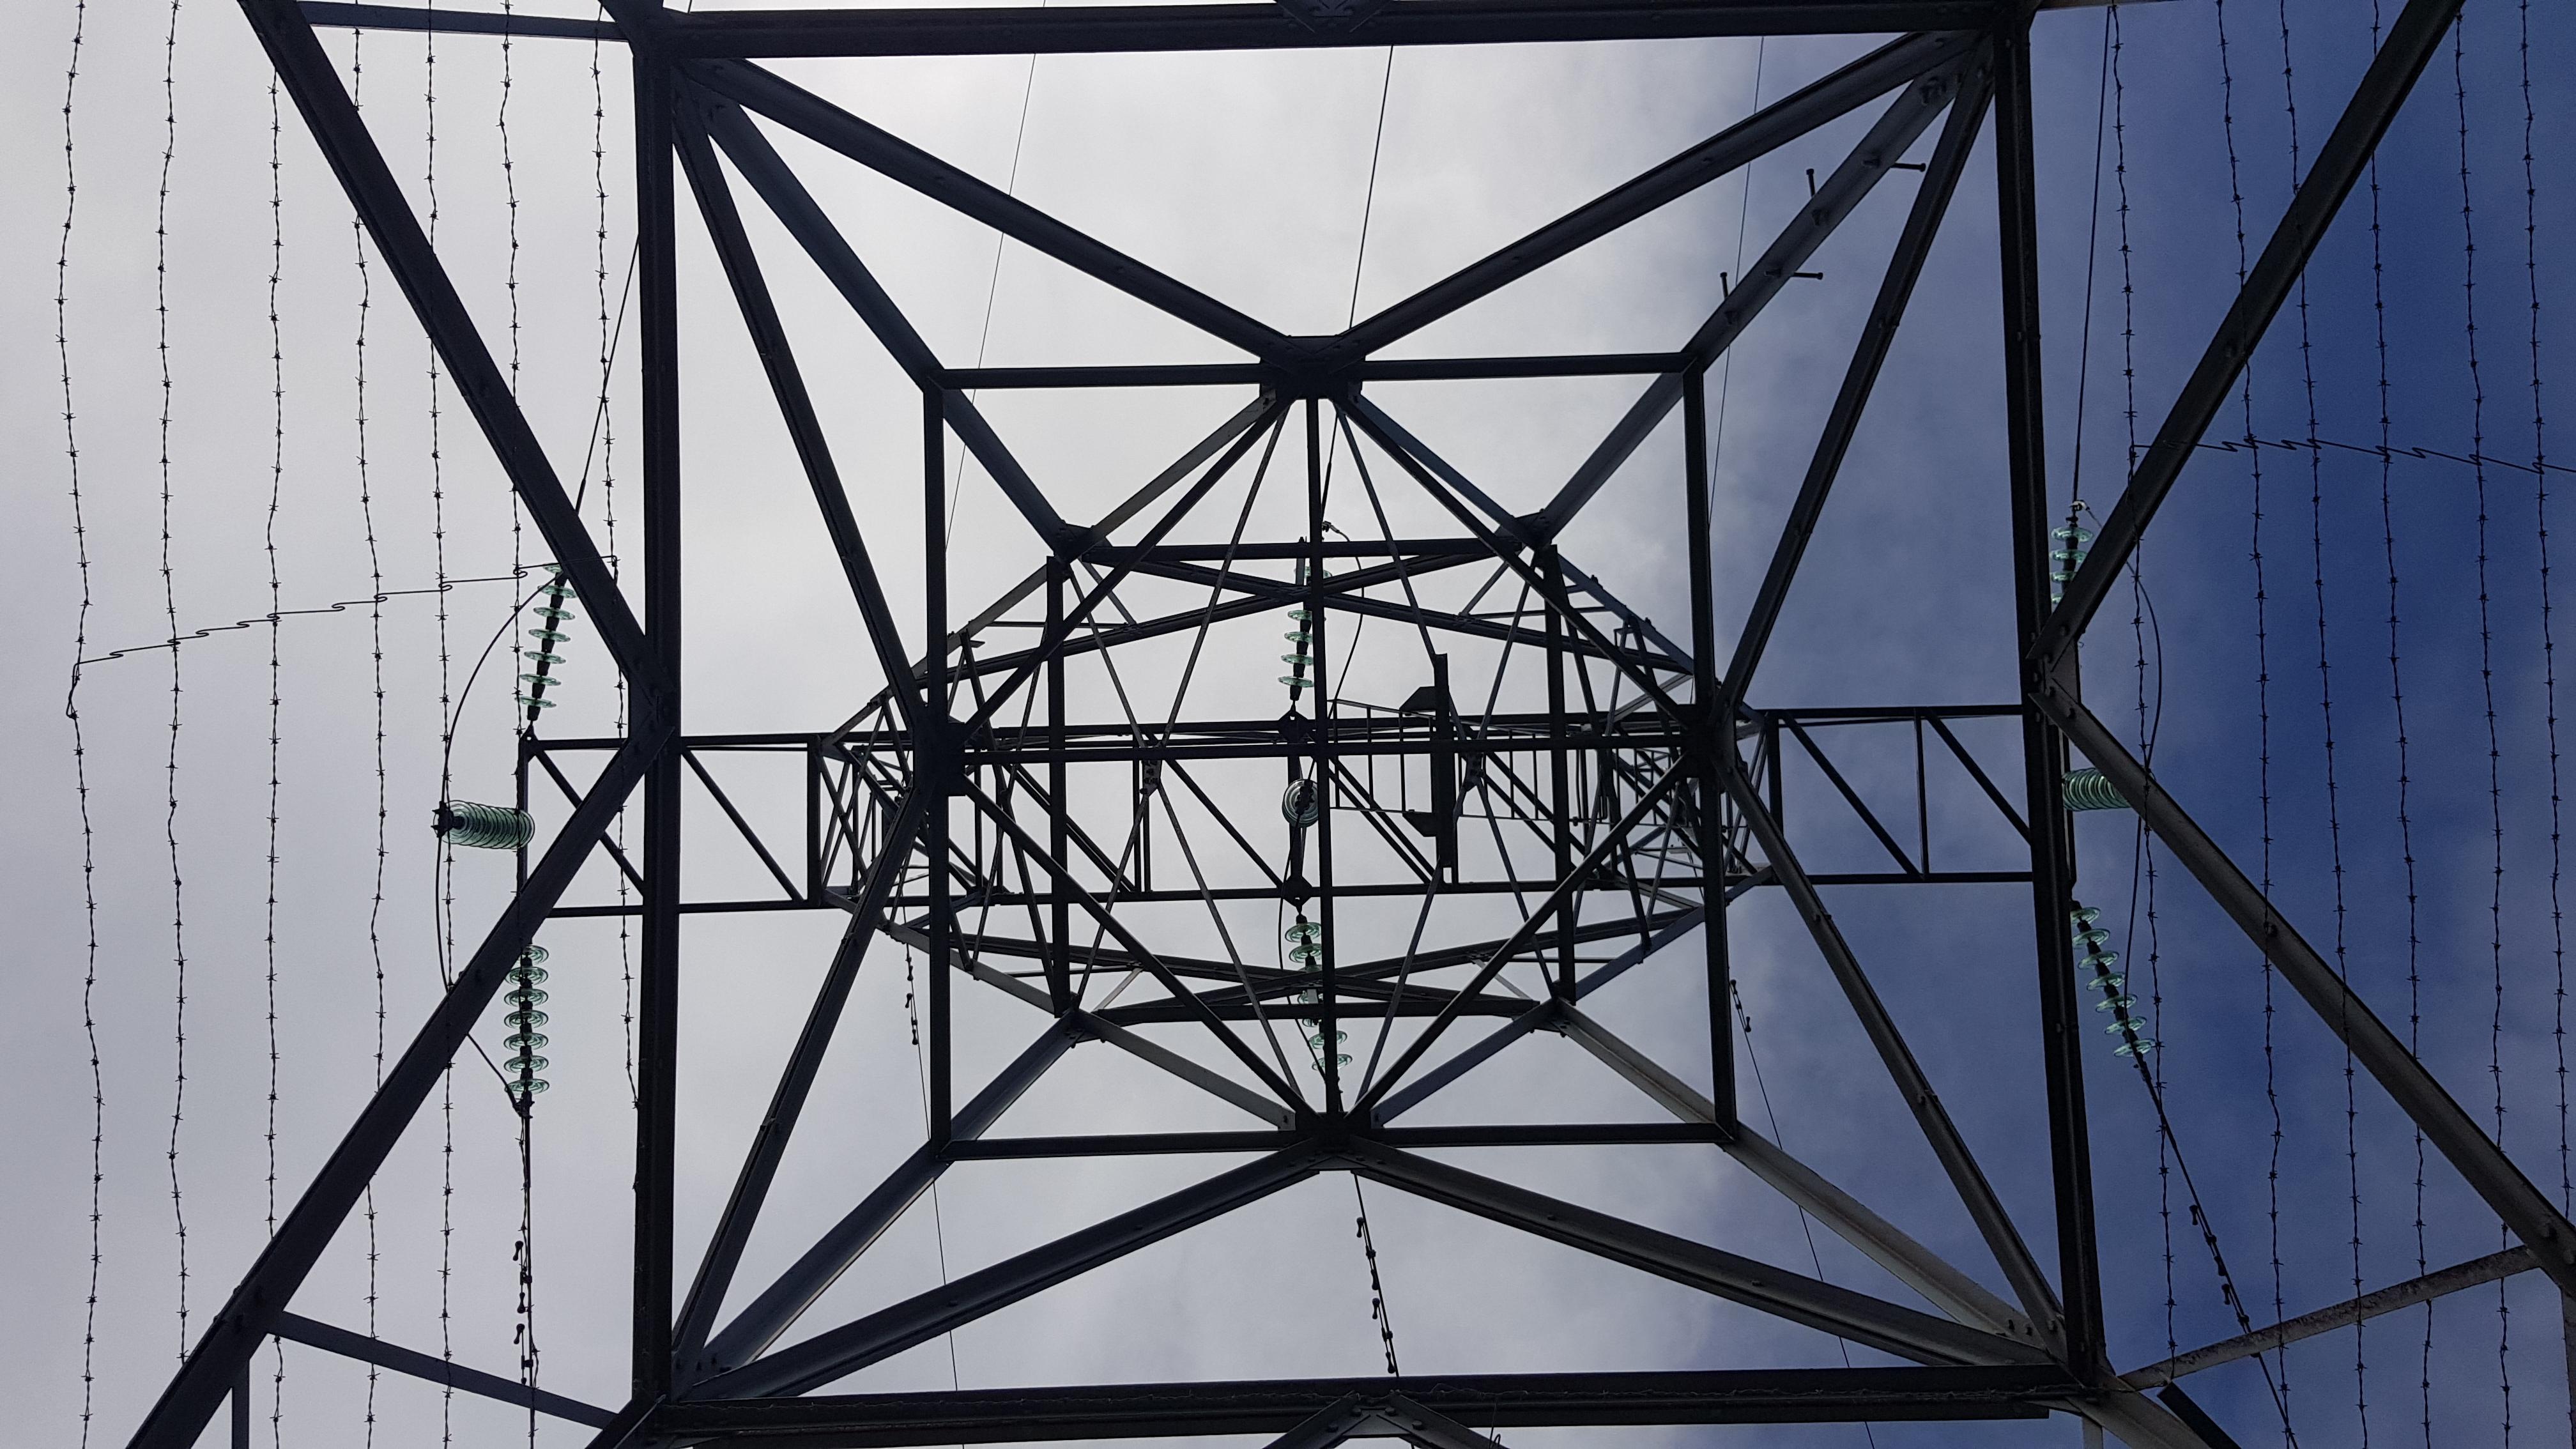 Reaching the pylon